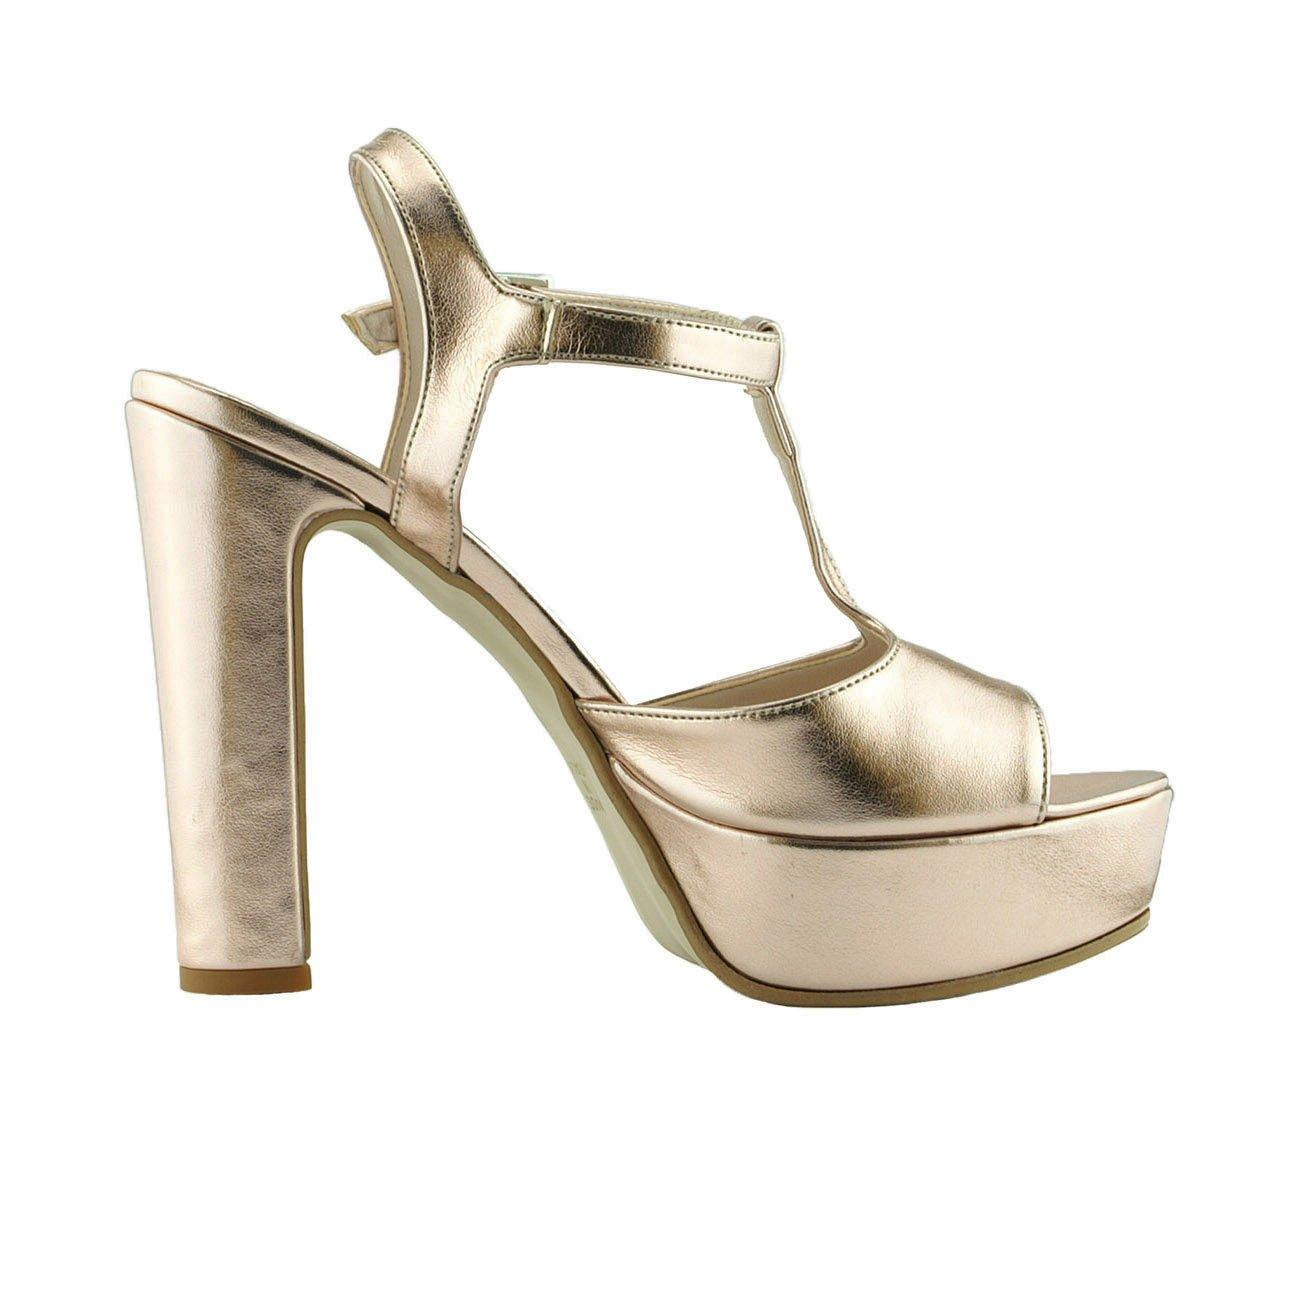 ANNO ZERO Damenschuhe mit Hohem Absatz, mit mit Absatz, Plateau E mit Knöchelriemen Sandalen Damen in Italien aus Echtem Leder 017 Cipria Laminato e1661e